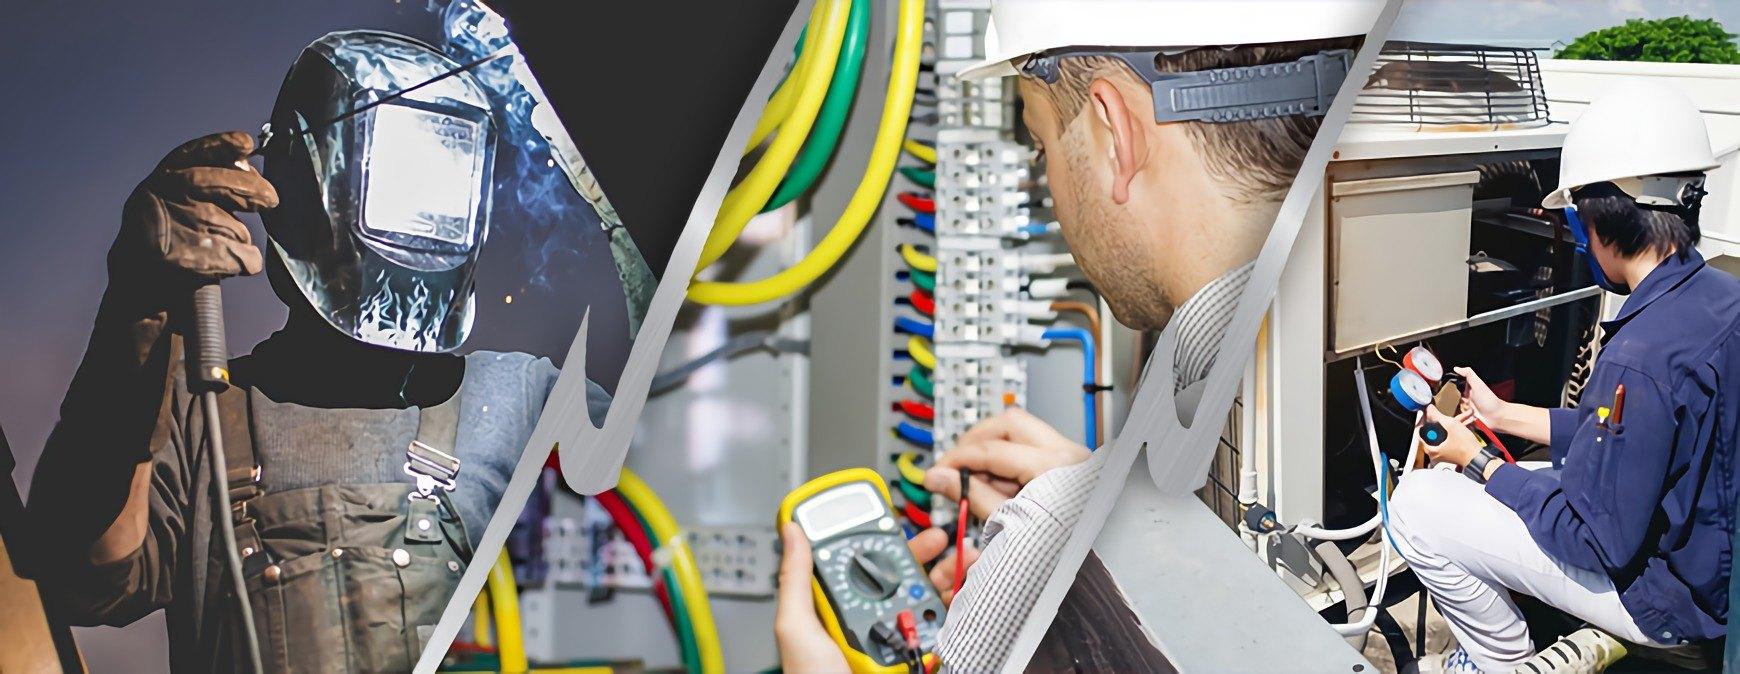 welder vs hvac technician vs electrician